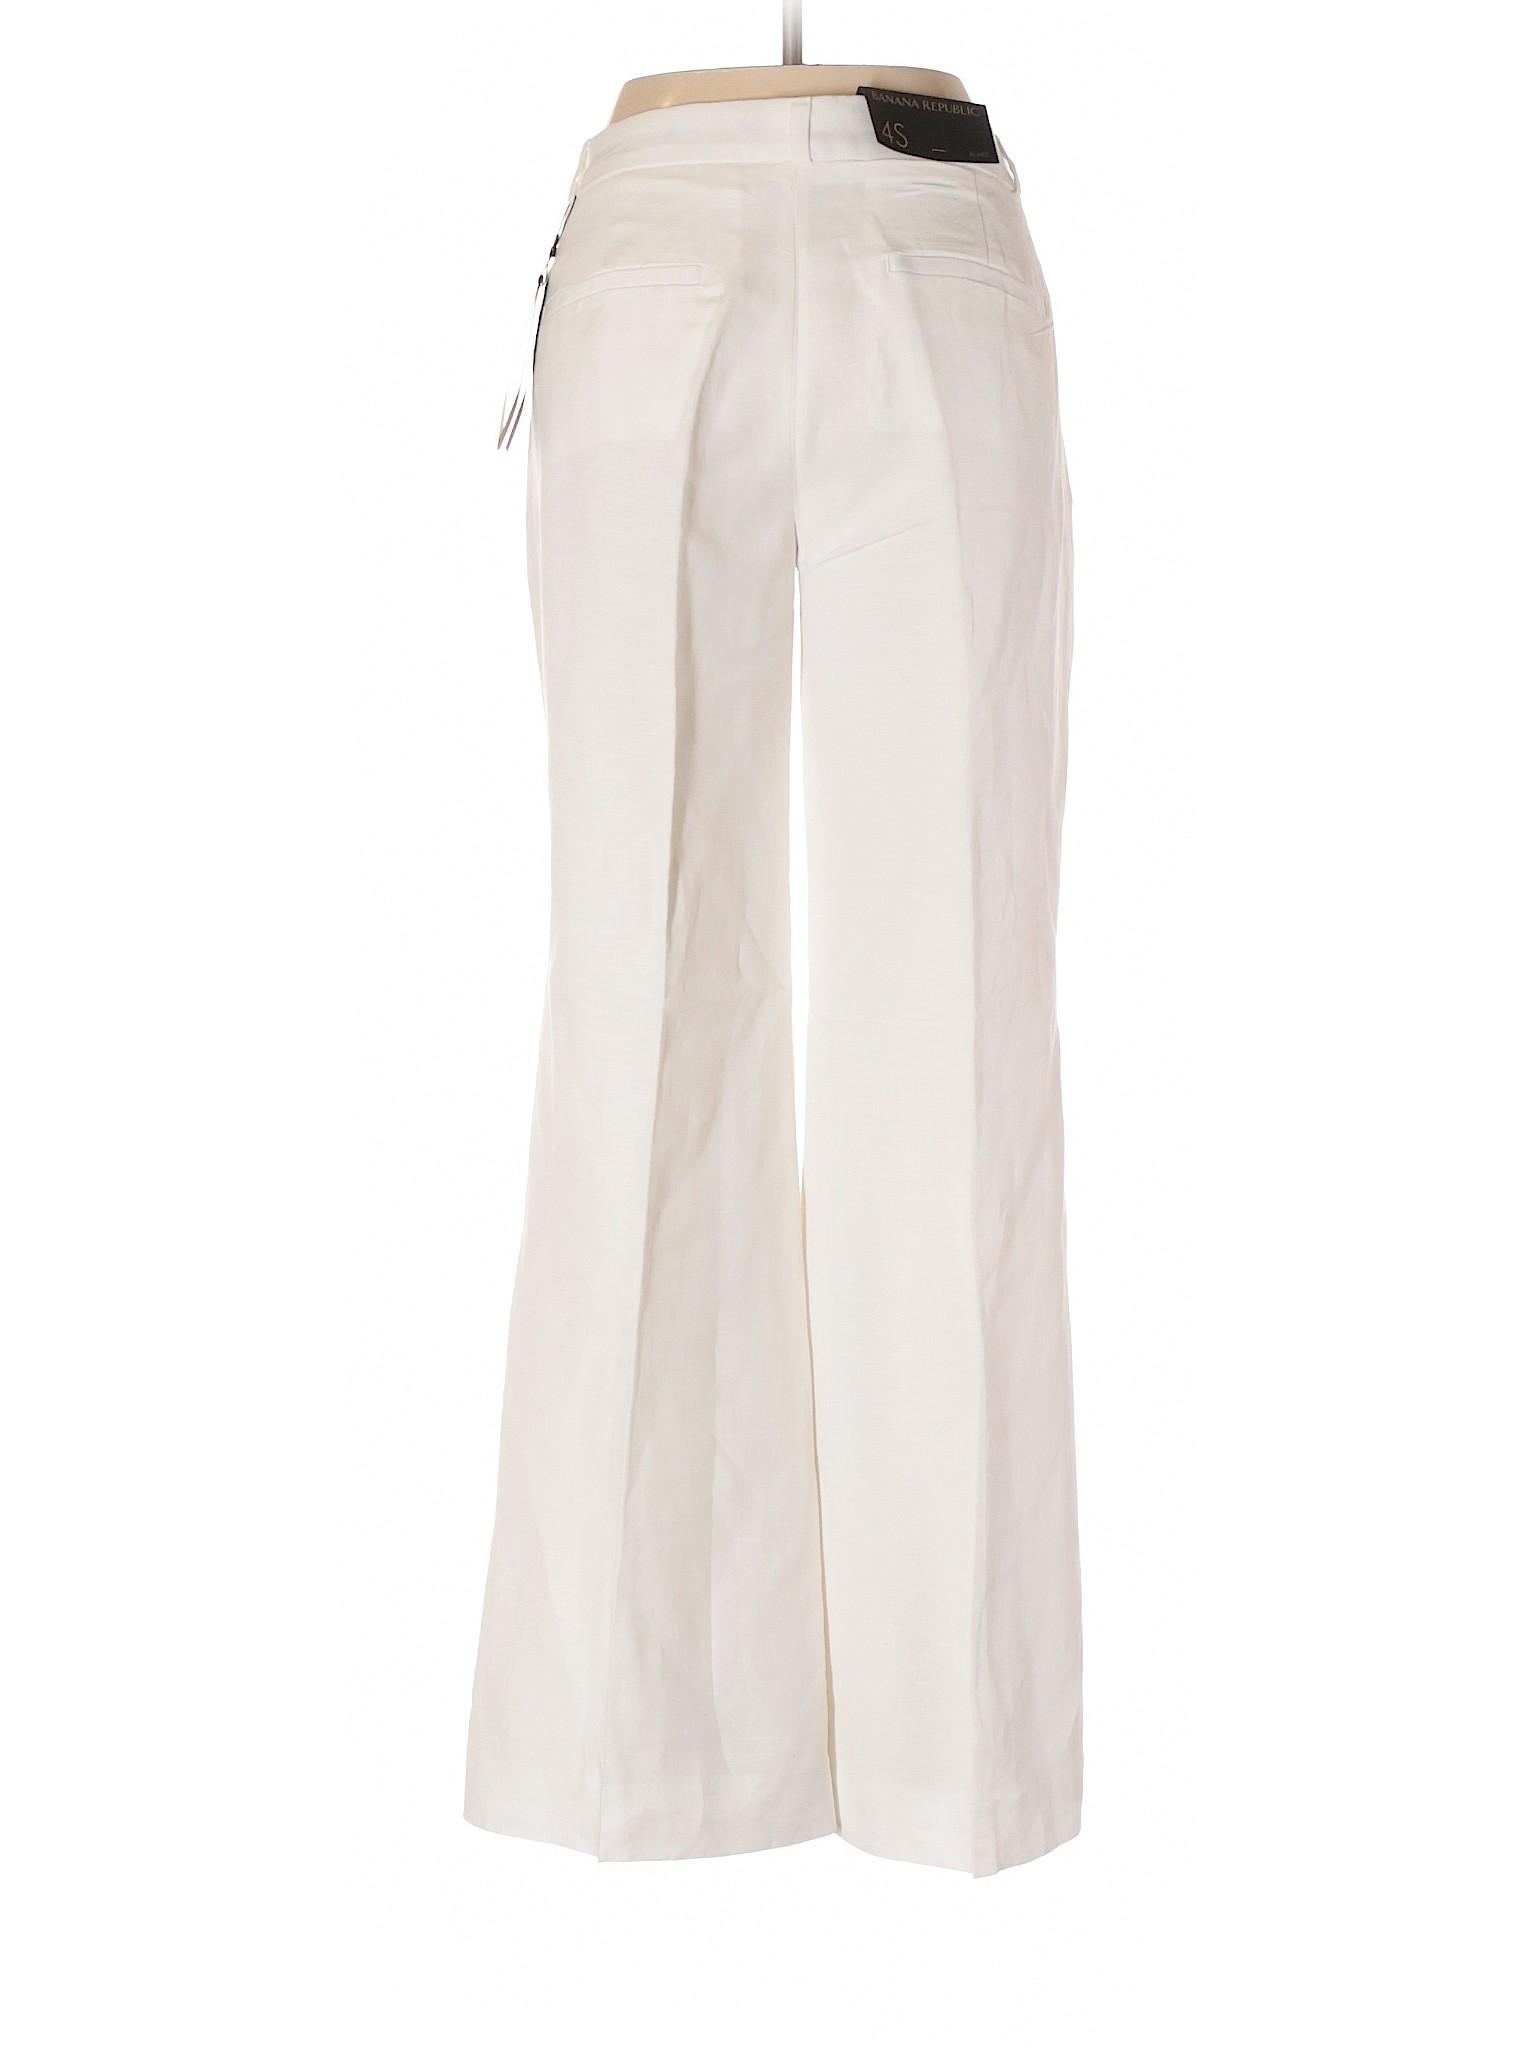 Banana Boutique Pants Linen Republic leisure Y5Hgq0f